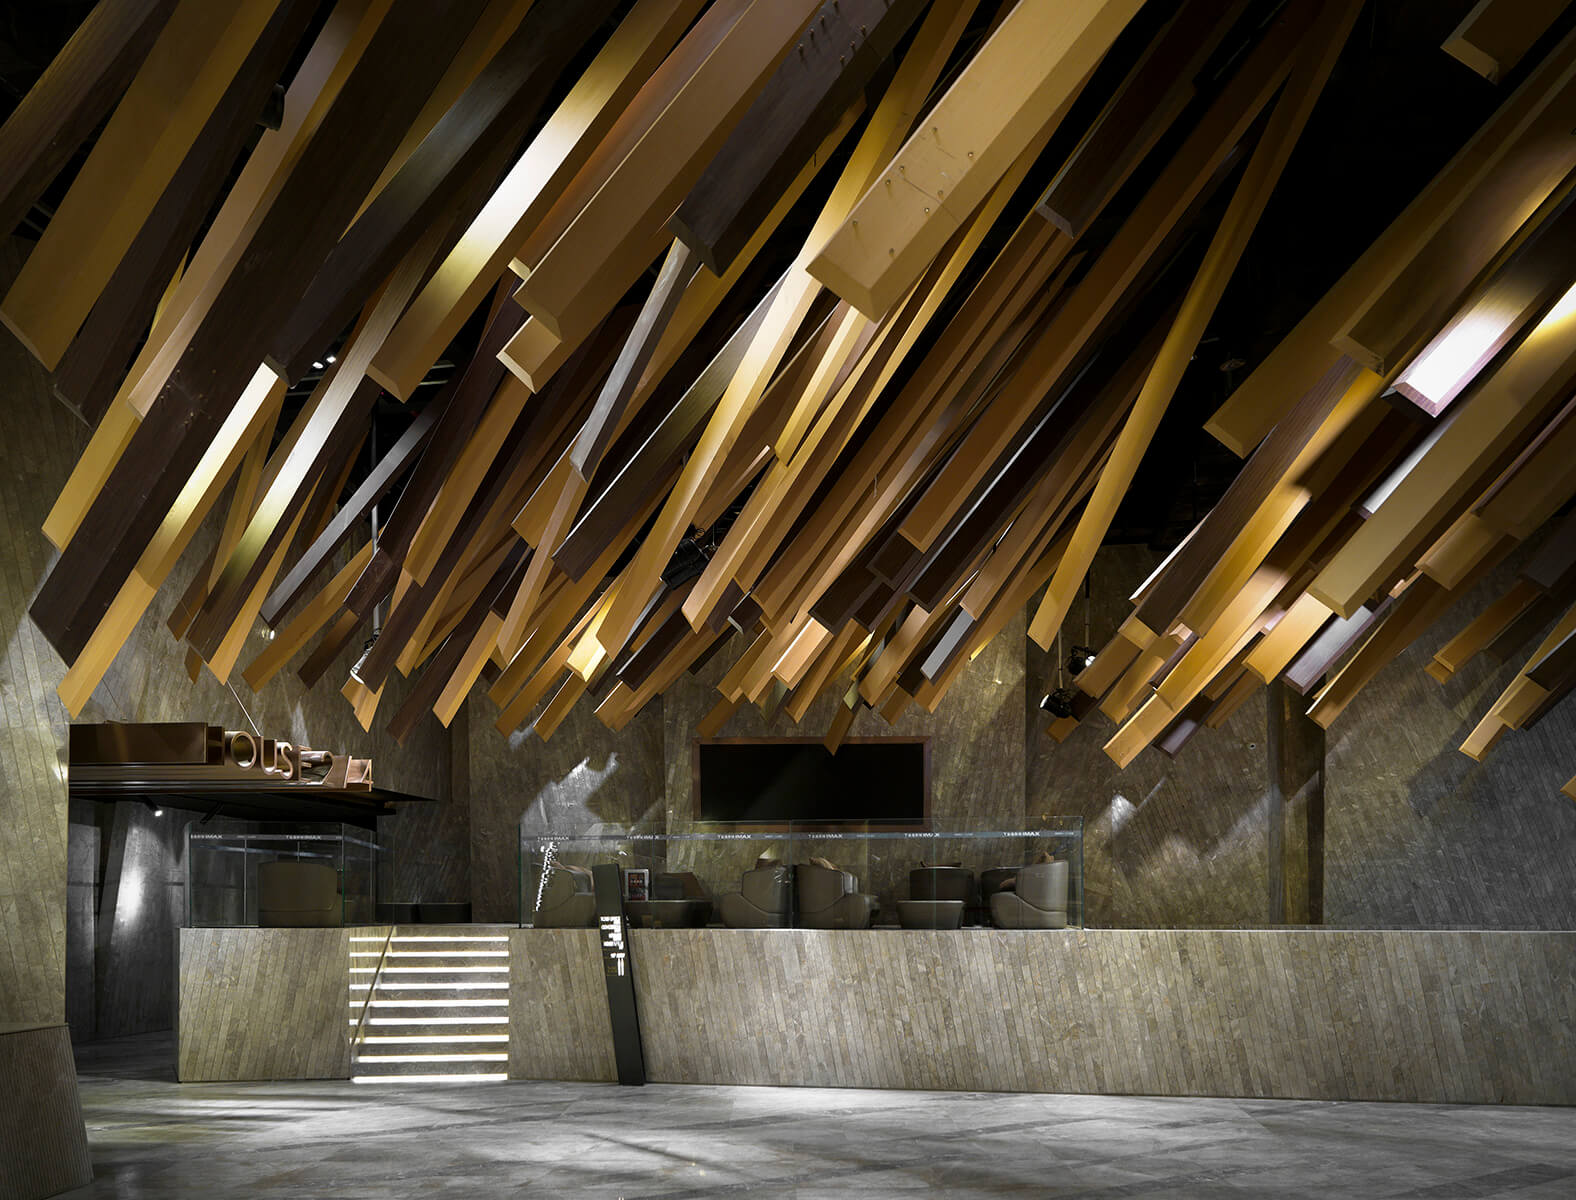 <a href='https://revistaaxxis.com.co/diseno-interior-meteorico/'><h2>Diseño interior meteórico</h2>Los diseñadores de este cine en Guangzhou Shi, China simulan una lluvia de meteoros dentro un espacio de lujo.</a>